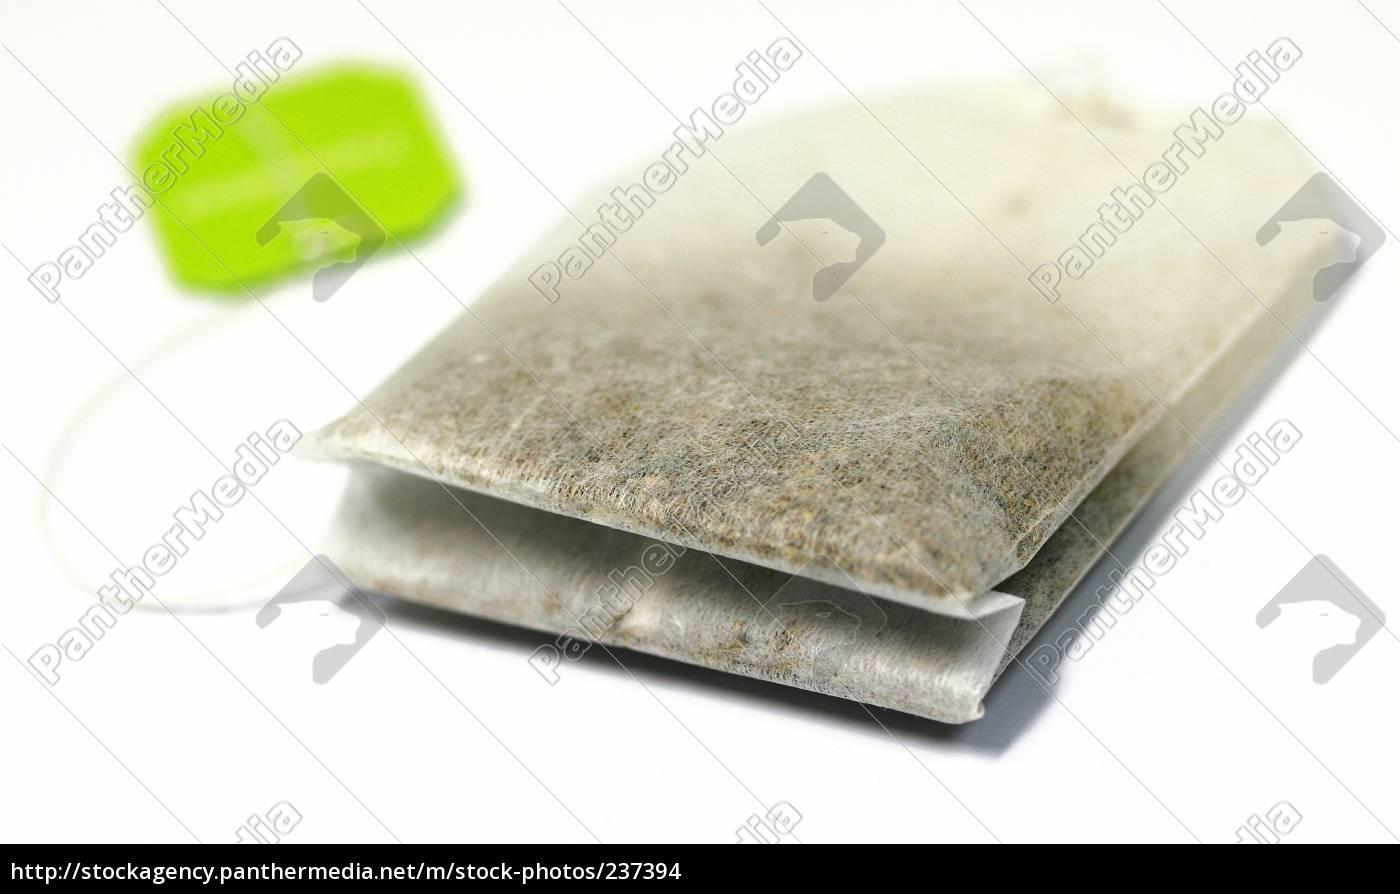 teabag - 237394